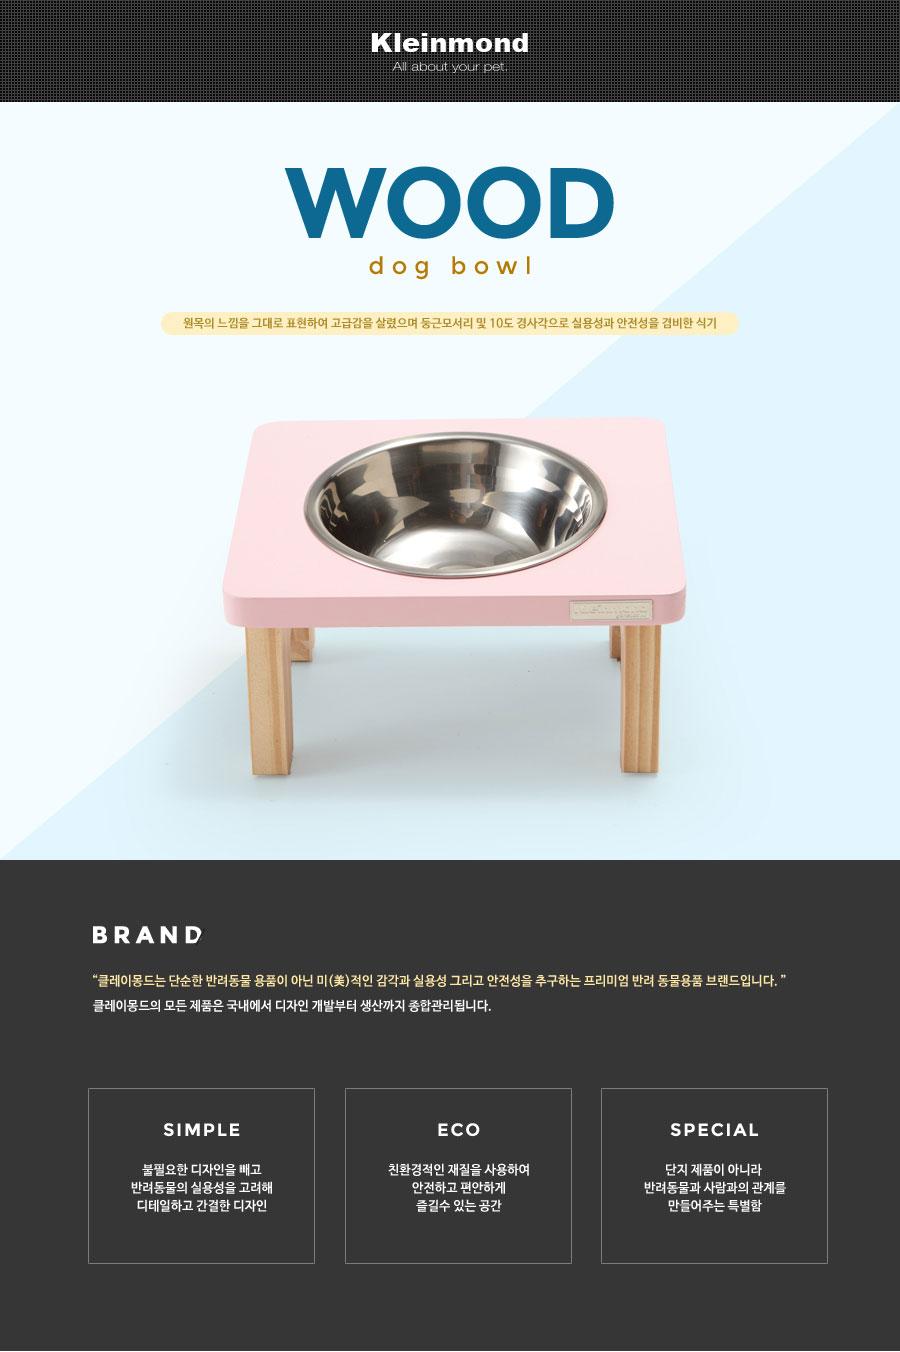 일반형 원목식기 1구 (핑크) - 클레이몽드, 28,000원, 급수/급식기, 식기/식탁